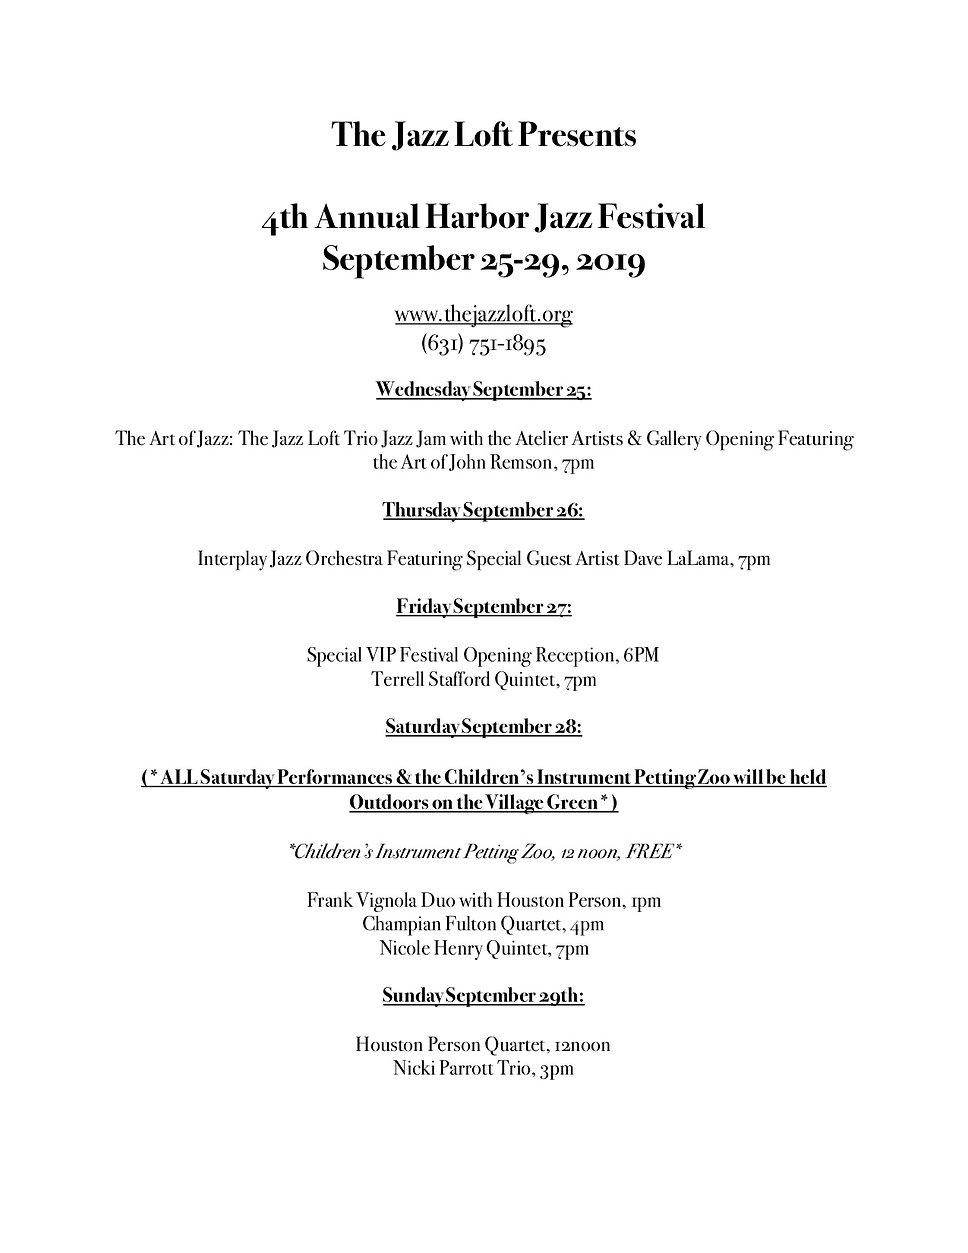 4th Annual HJF Schedule_Pricing  PDF.jpg